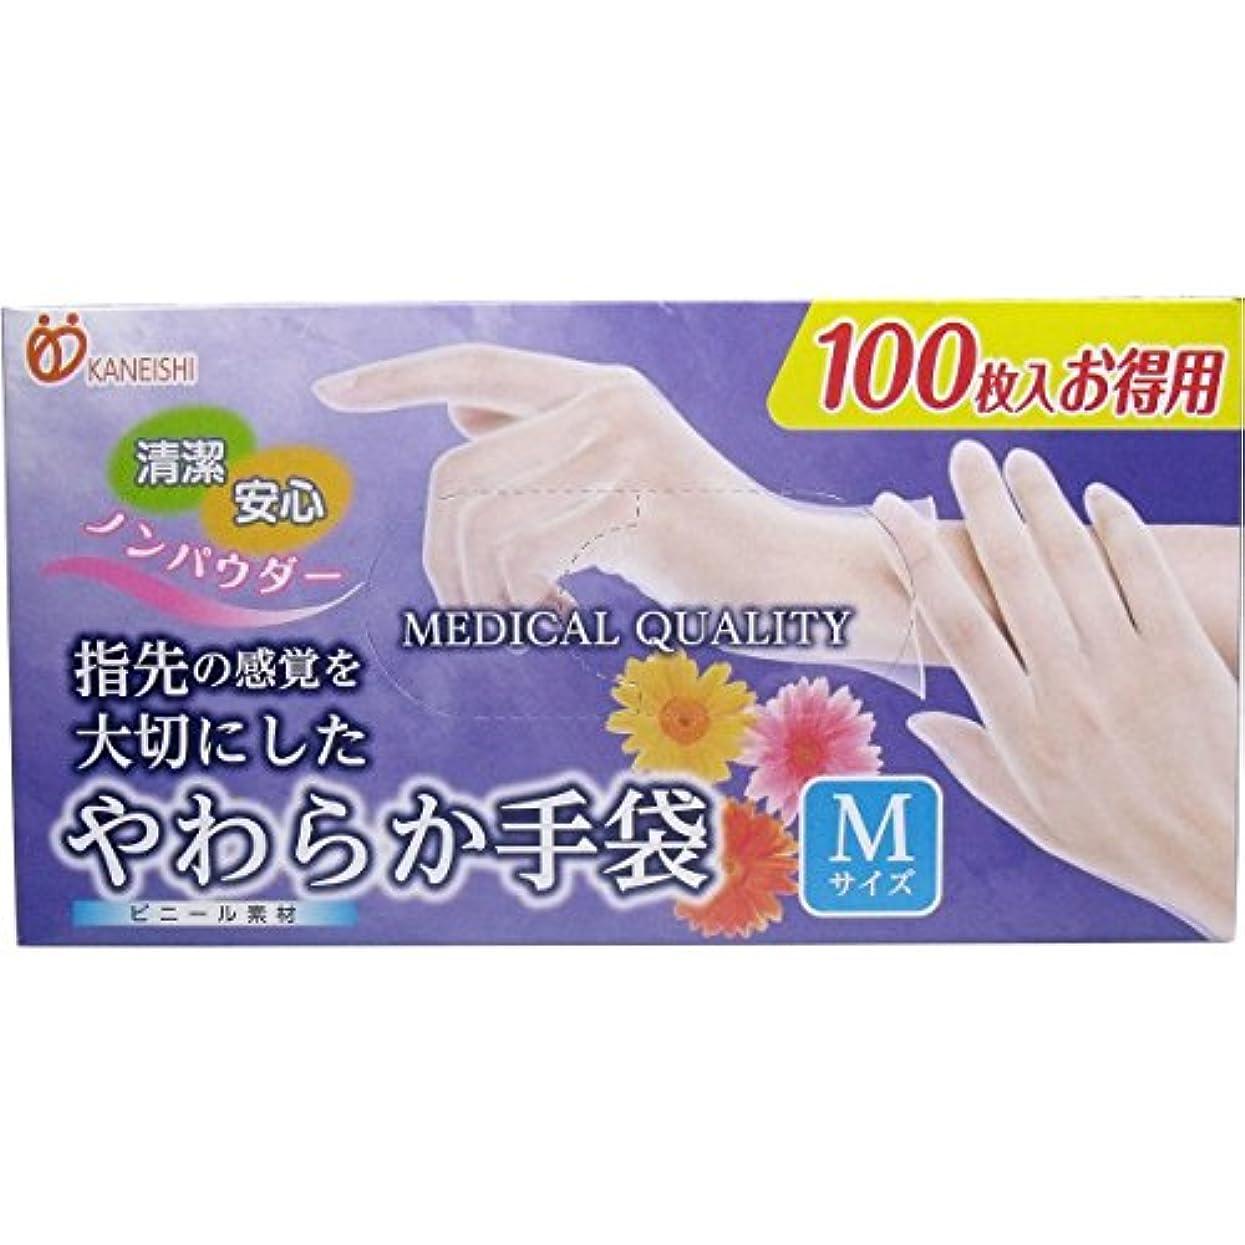 ユーザー拍手川やわらか手袋 ビニール素材 Mサイズ 100枚入x2